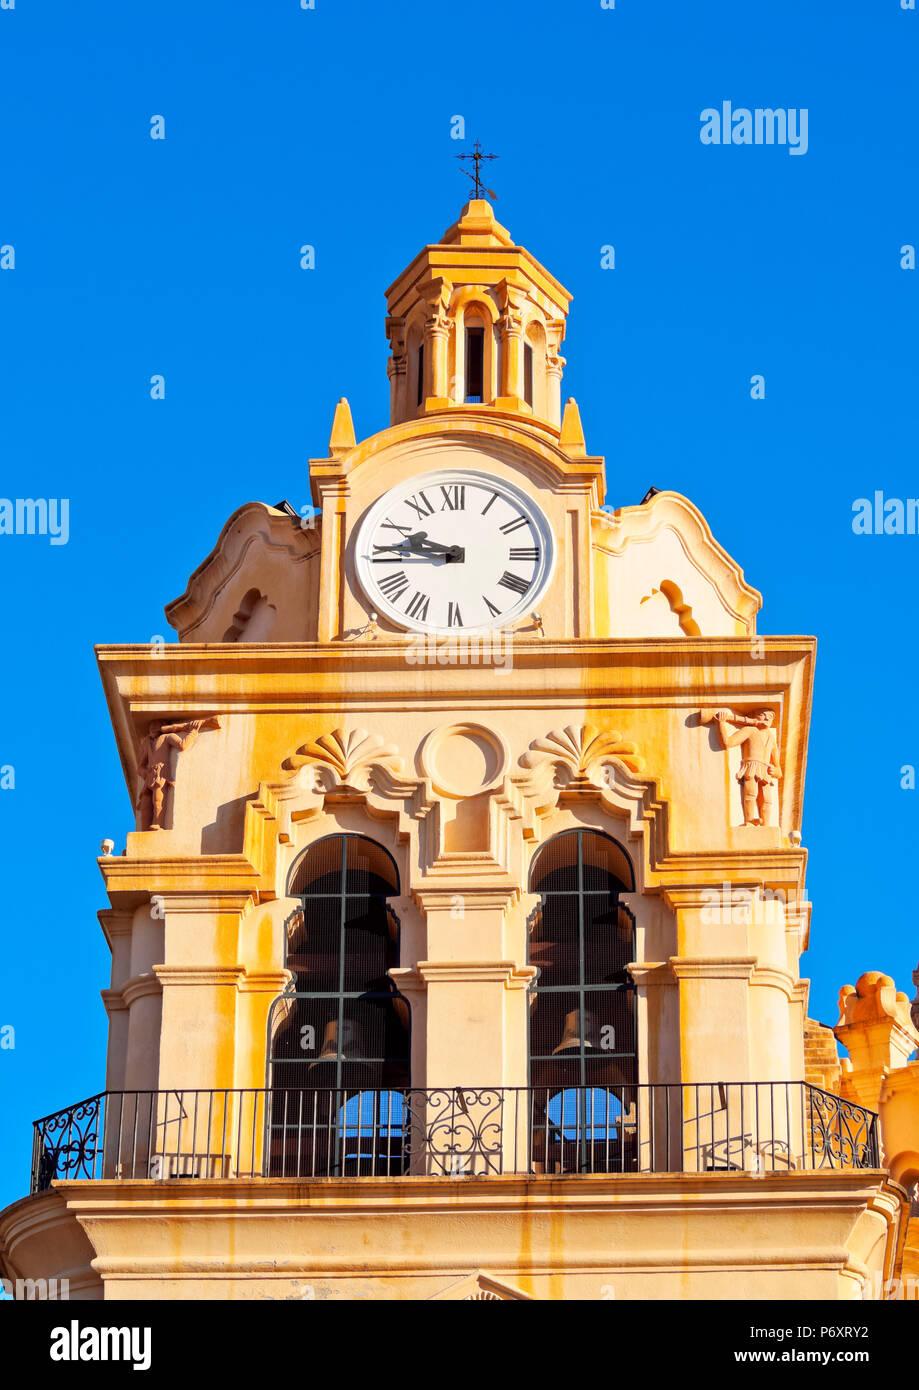 Argentina, Córdoba, vista detallada de la Catedral de Córdoba. Imagen De Stock